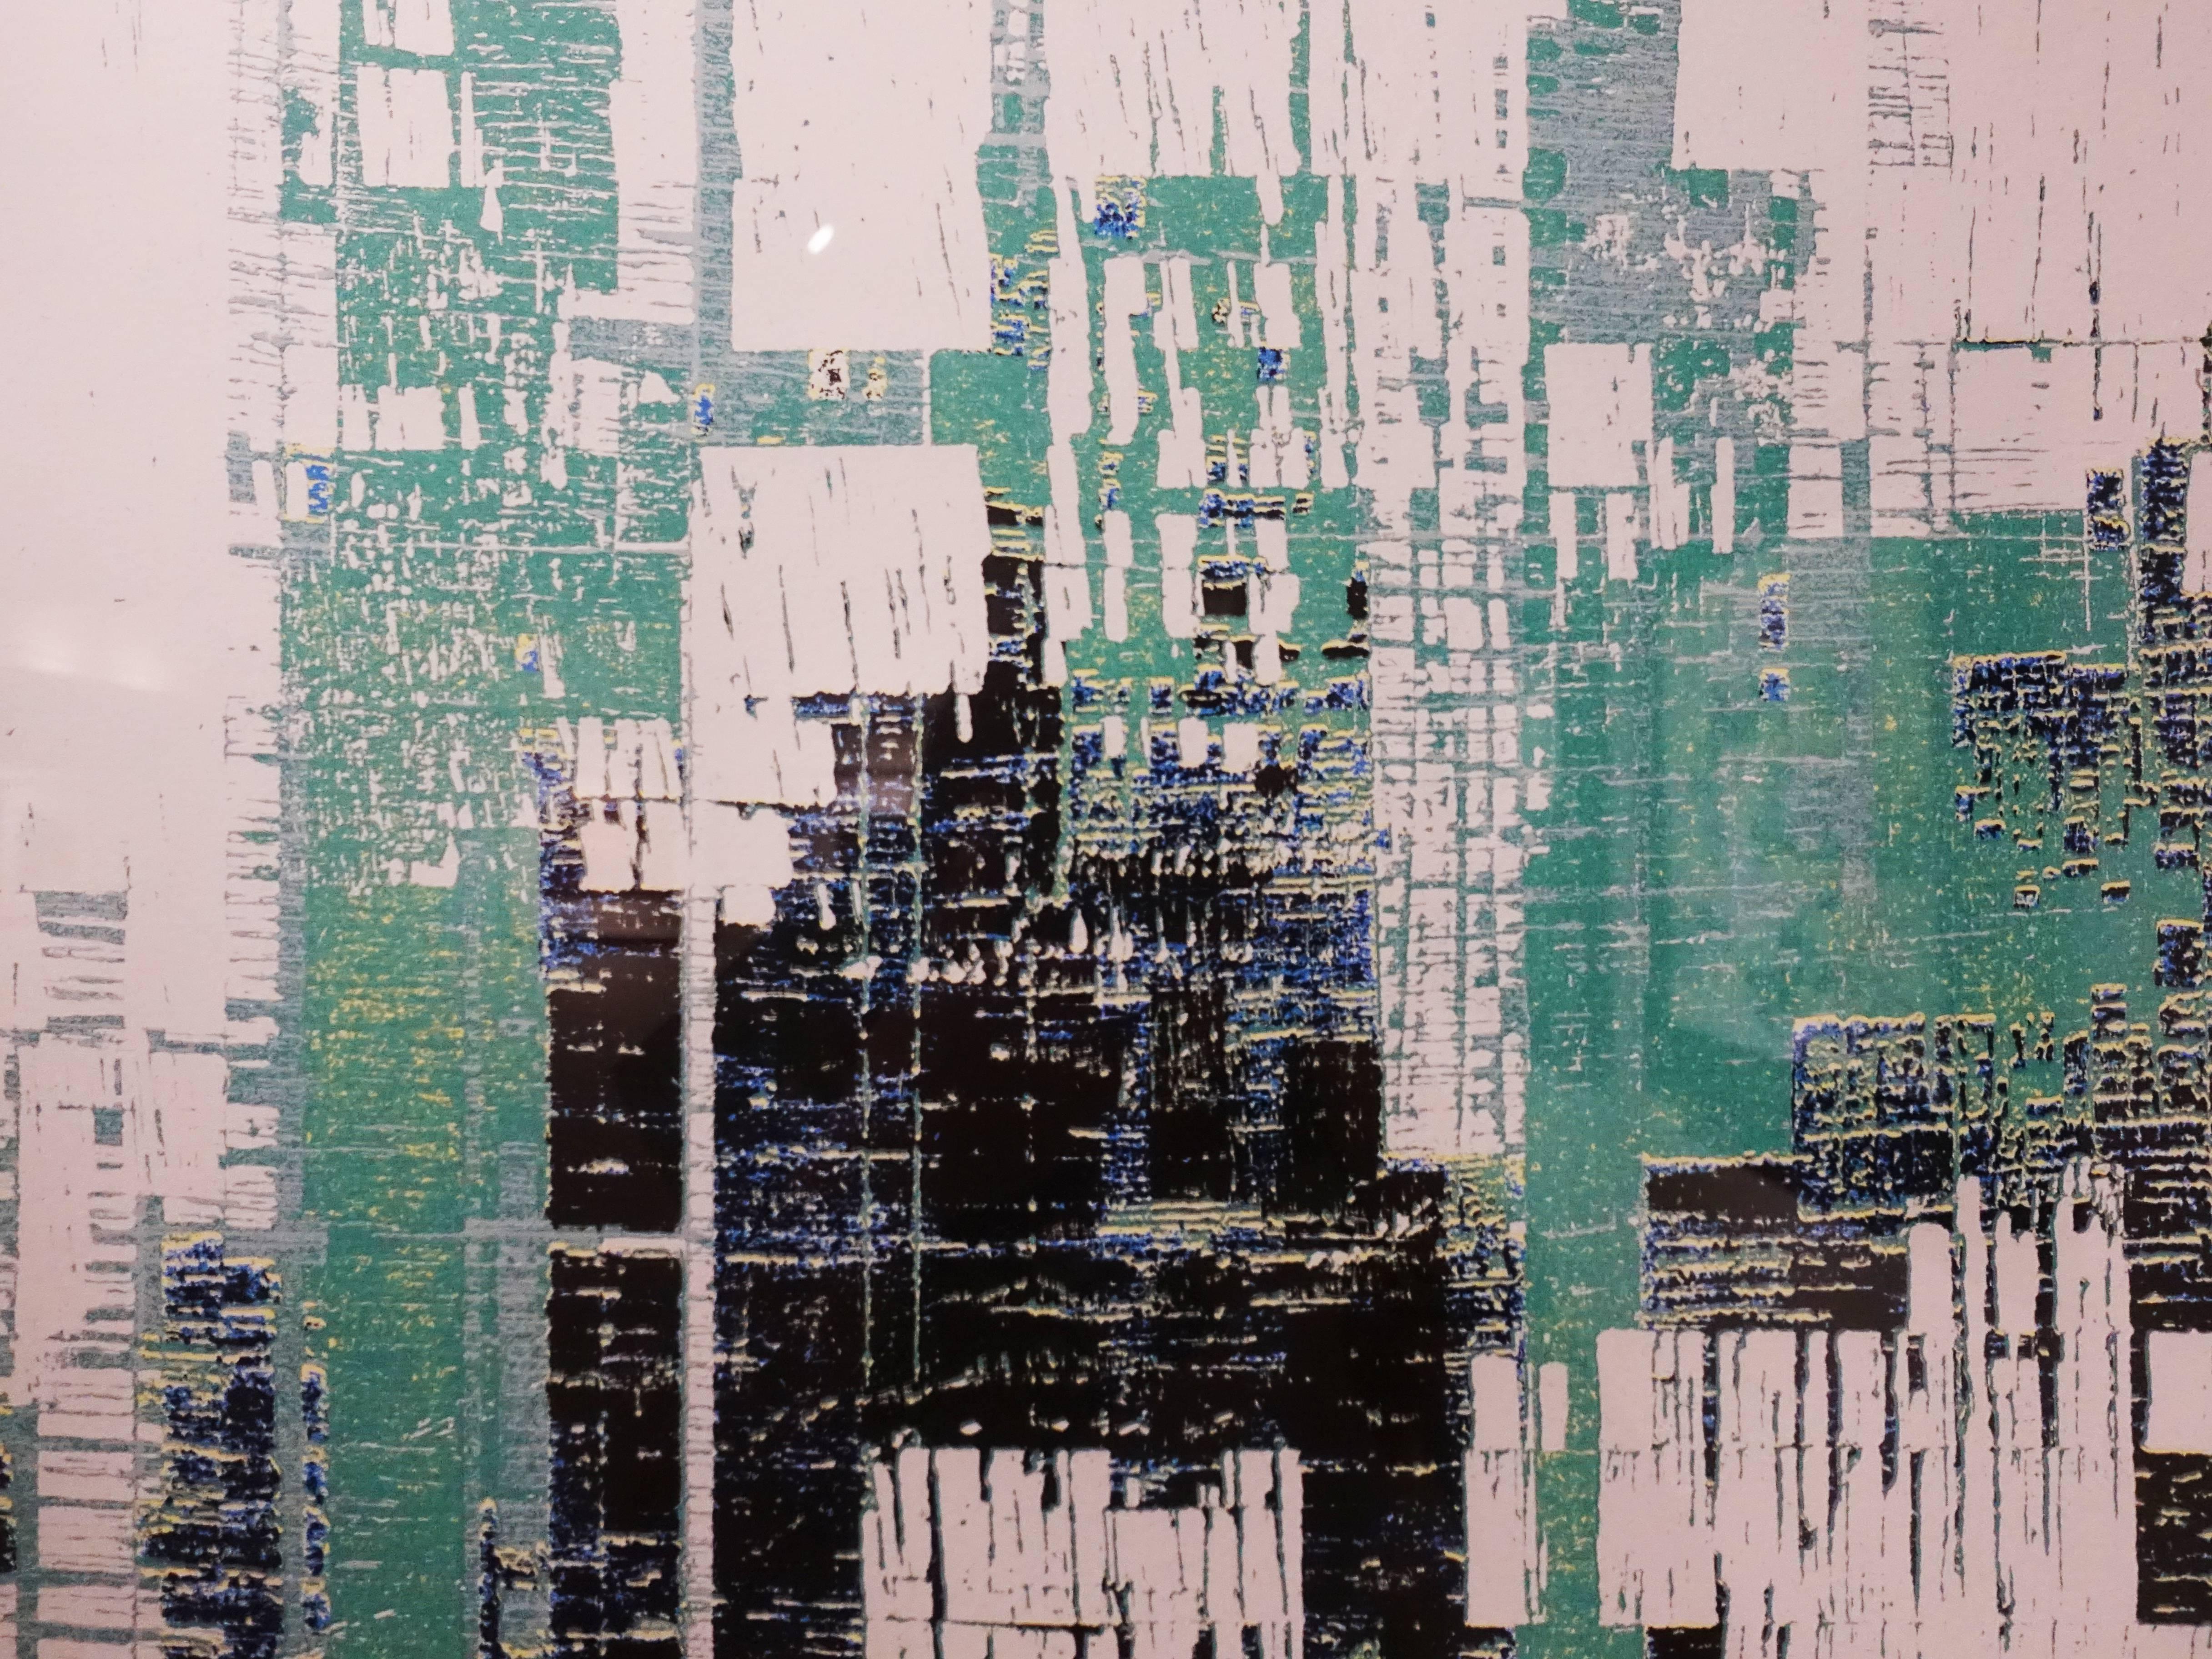 徐明豐,《景觀 空間之十五》細節,50 x 50 cm,29/30,絹印版畫,2018。